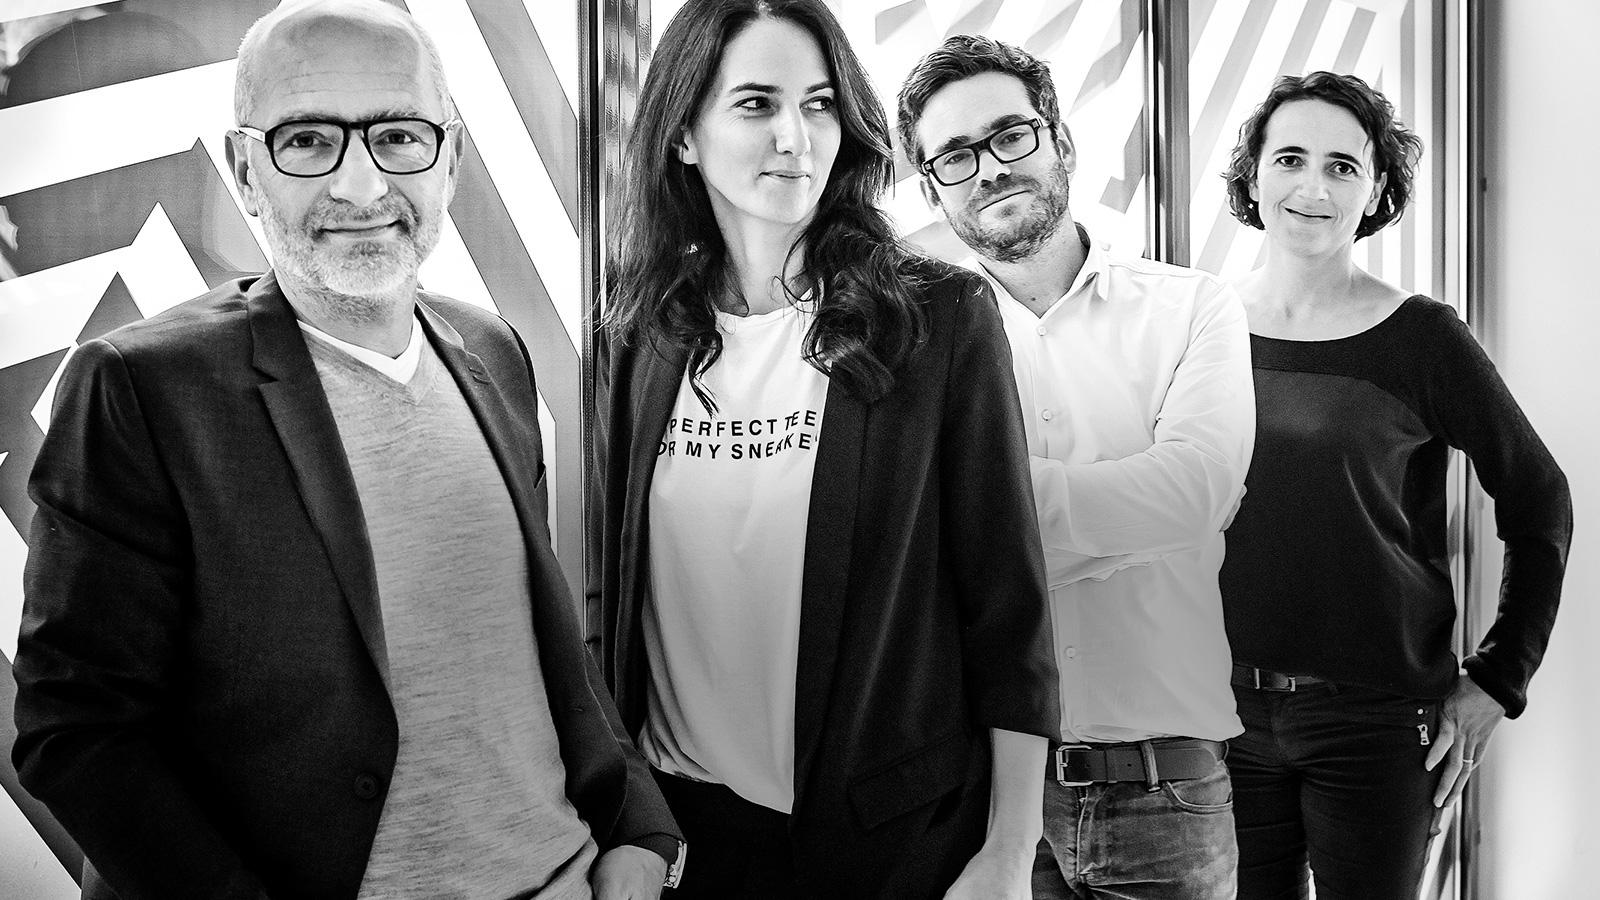 Notchup agence publicité dirigeants managers Philippe Robin Céline Marcillac jean-François Pape Édith Chartier